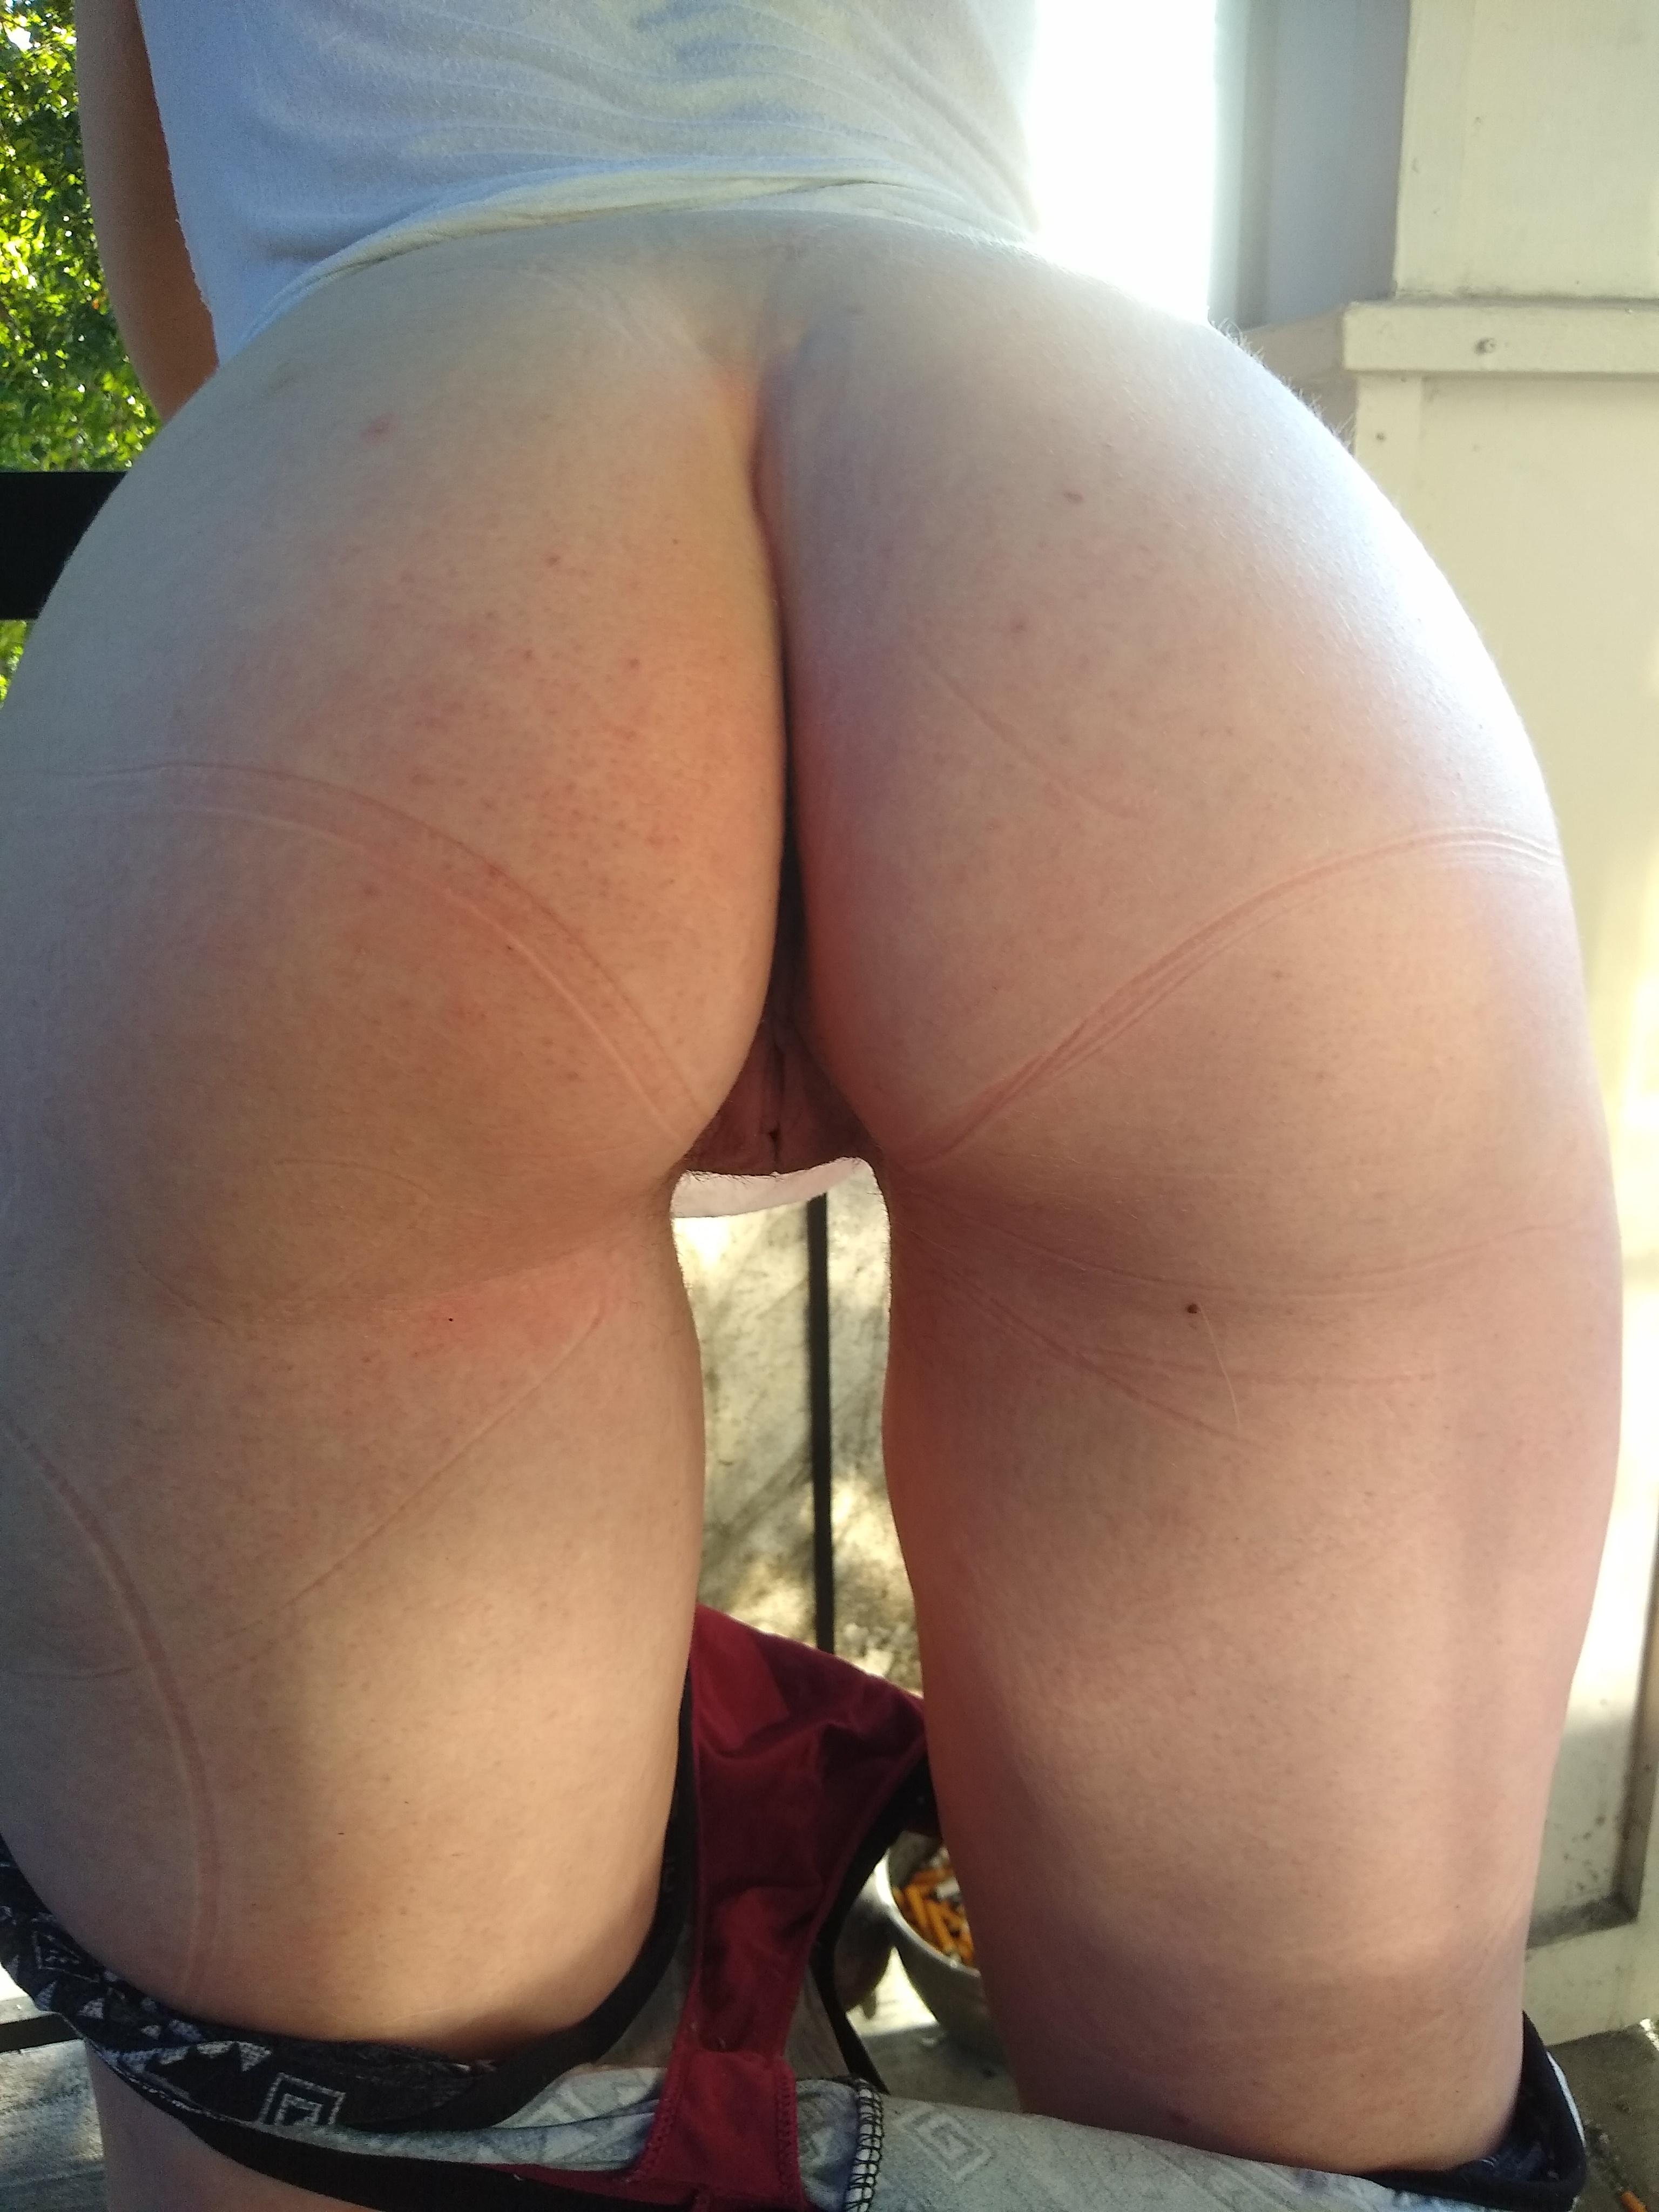 Porn thigh gap Thigh Gap